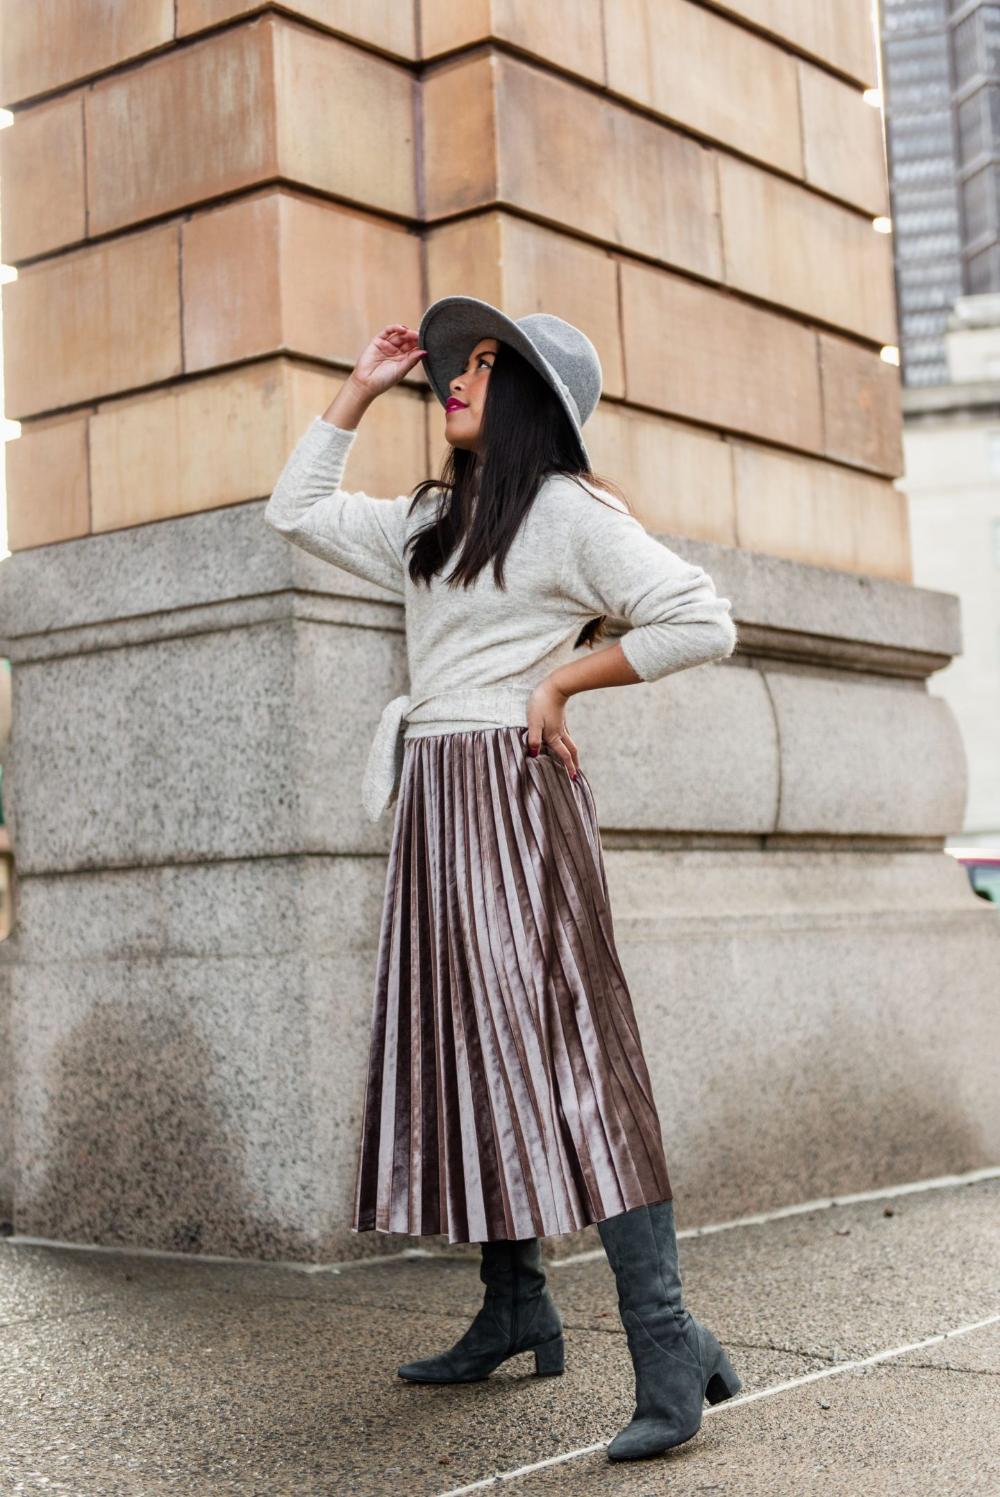 5 idées de tenues d'hiver mignonnes que vous pouvez porter cette saison – Emma's Edition